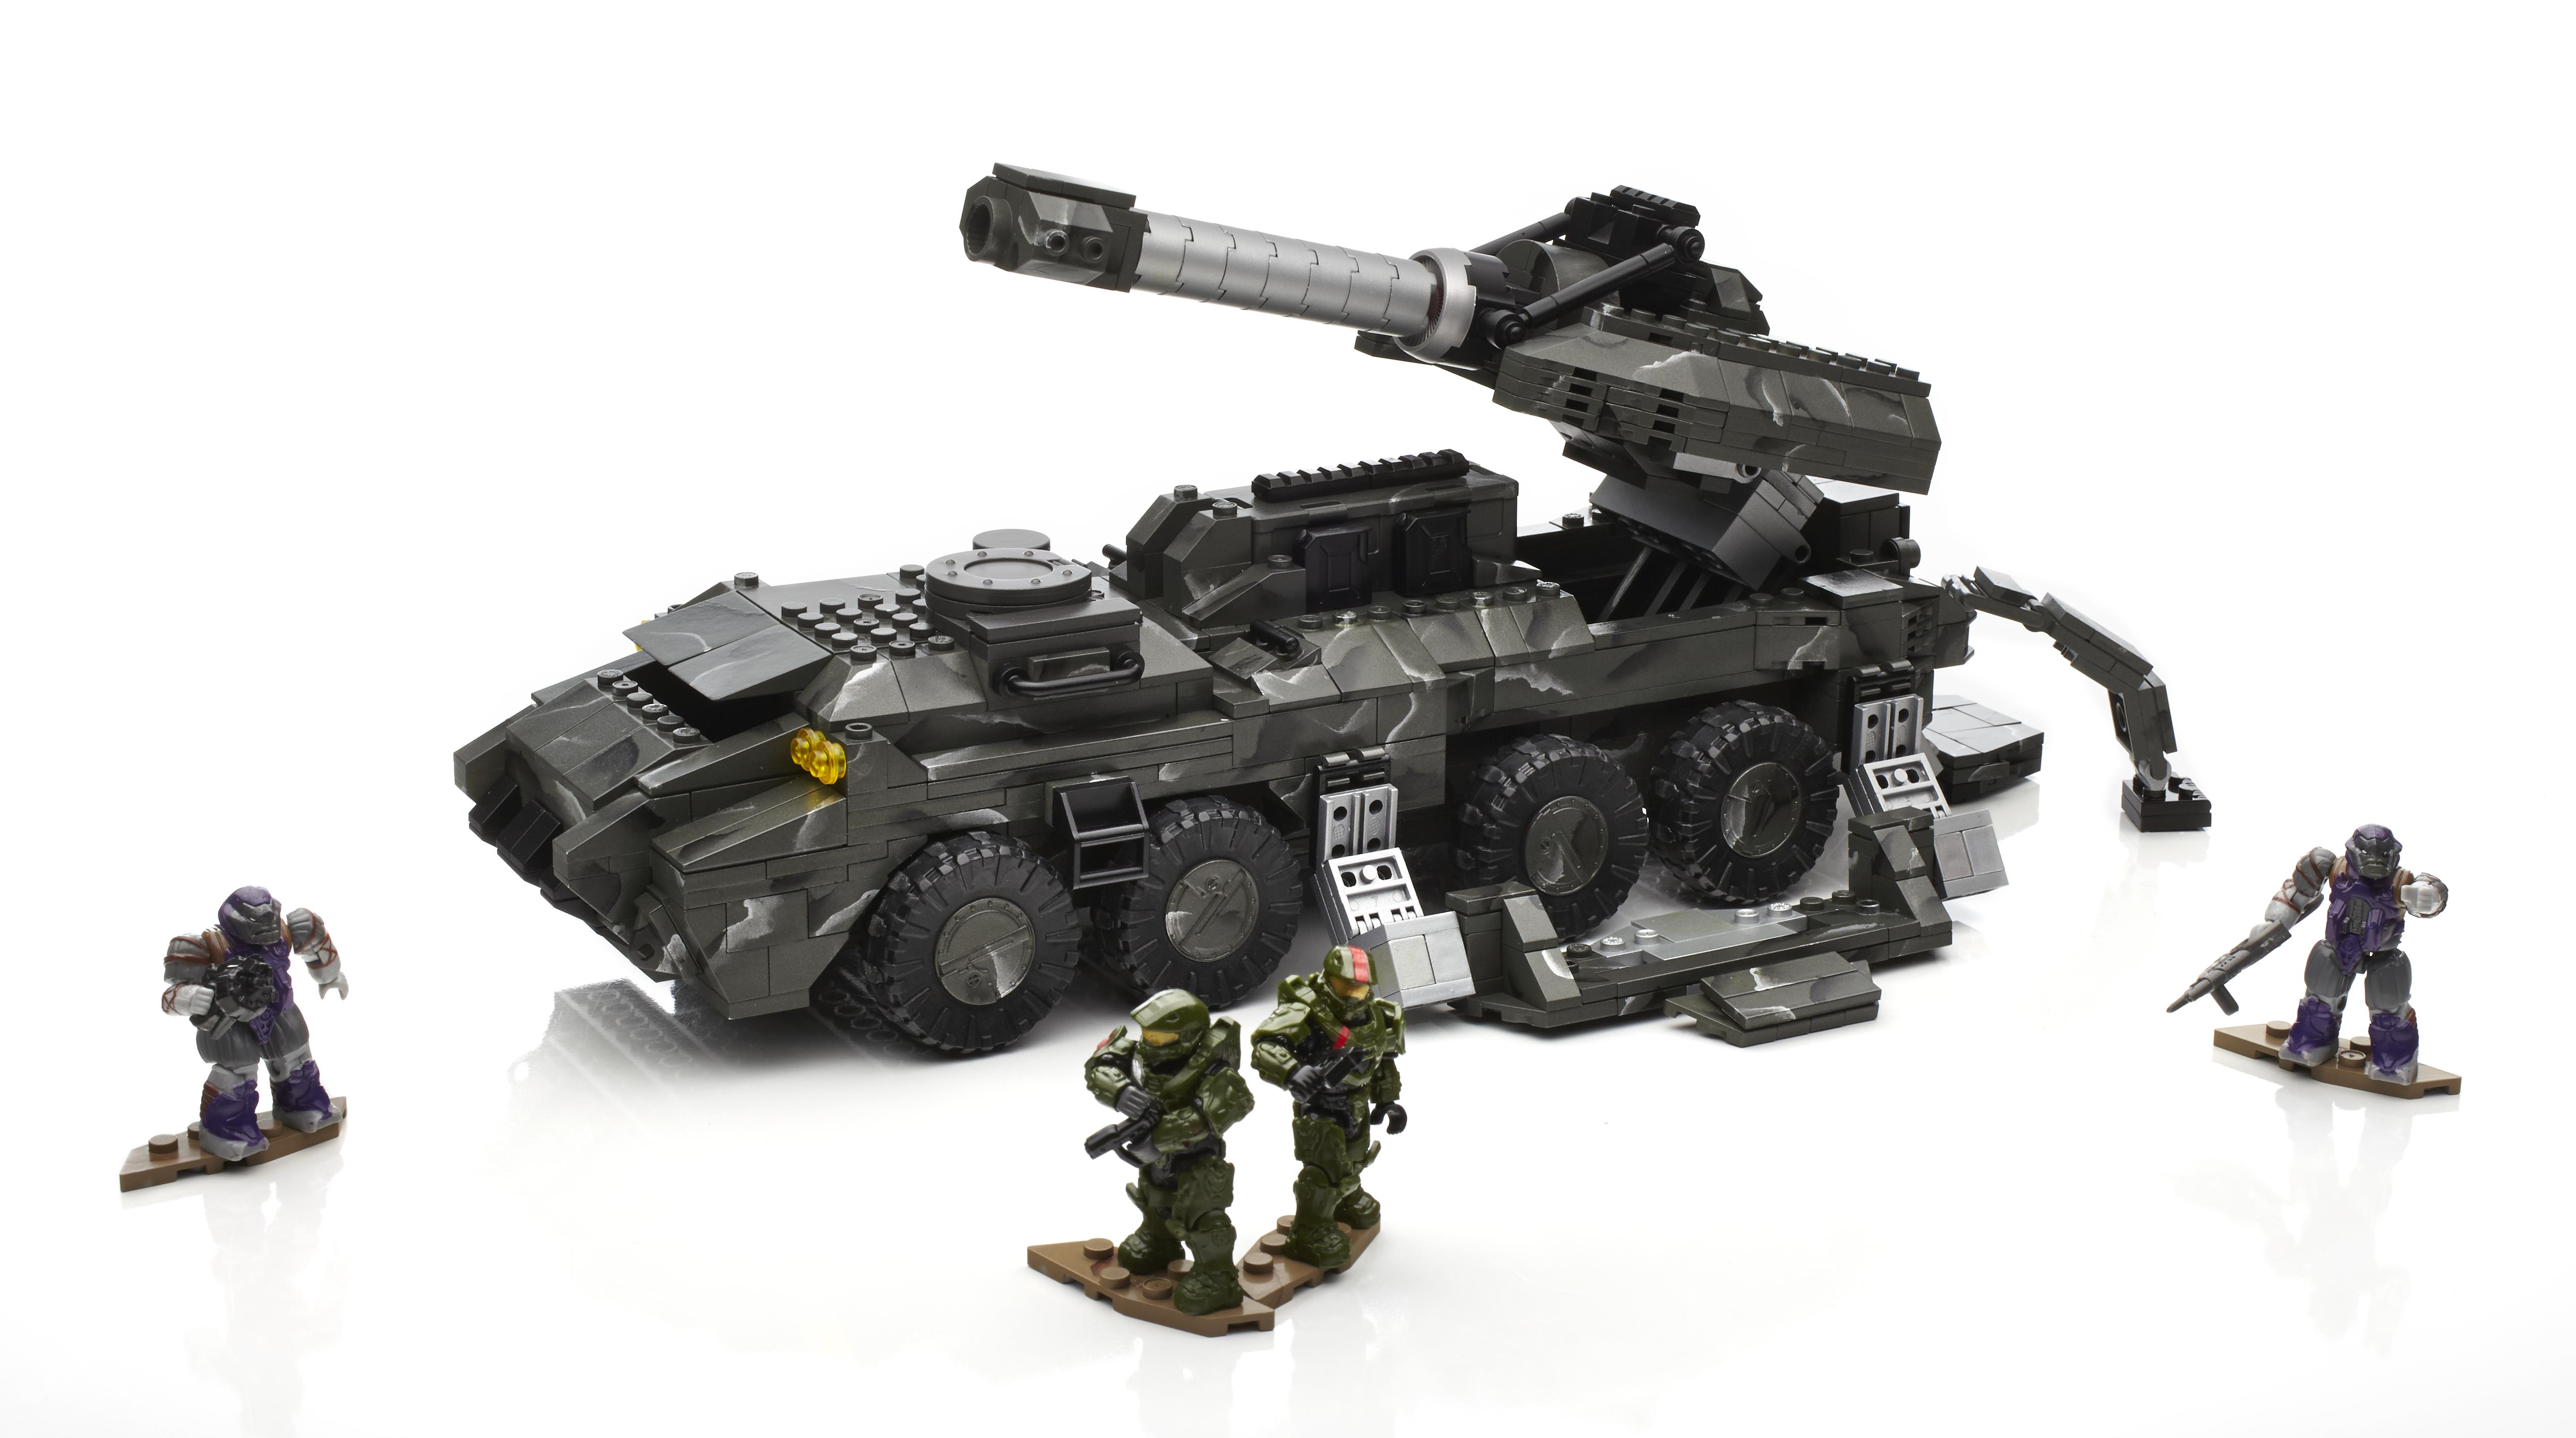 Halo Mega Bloks UNSC Vehicle